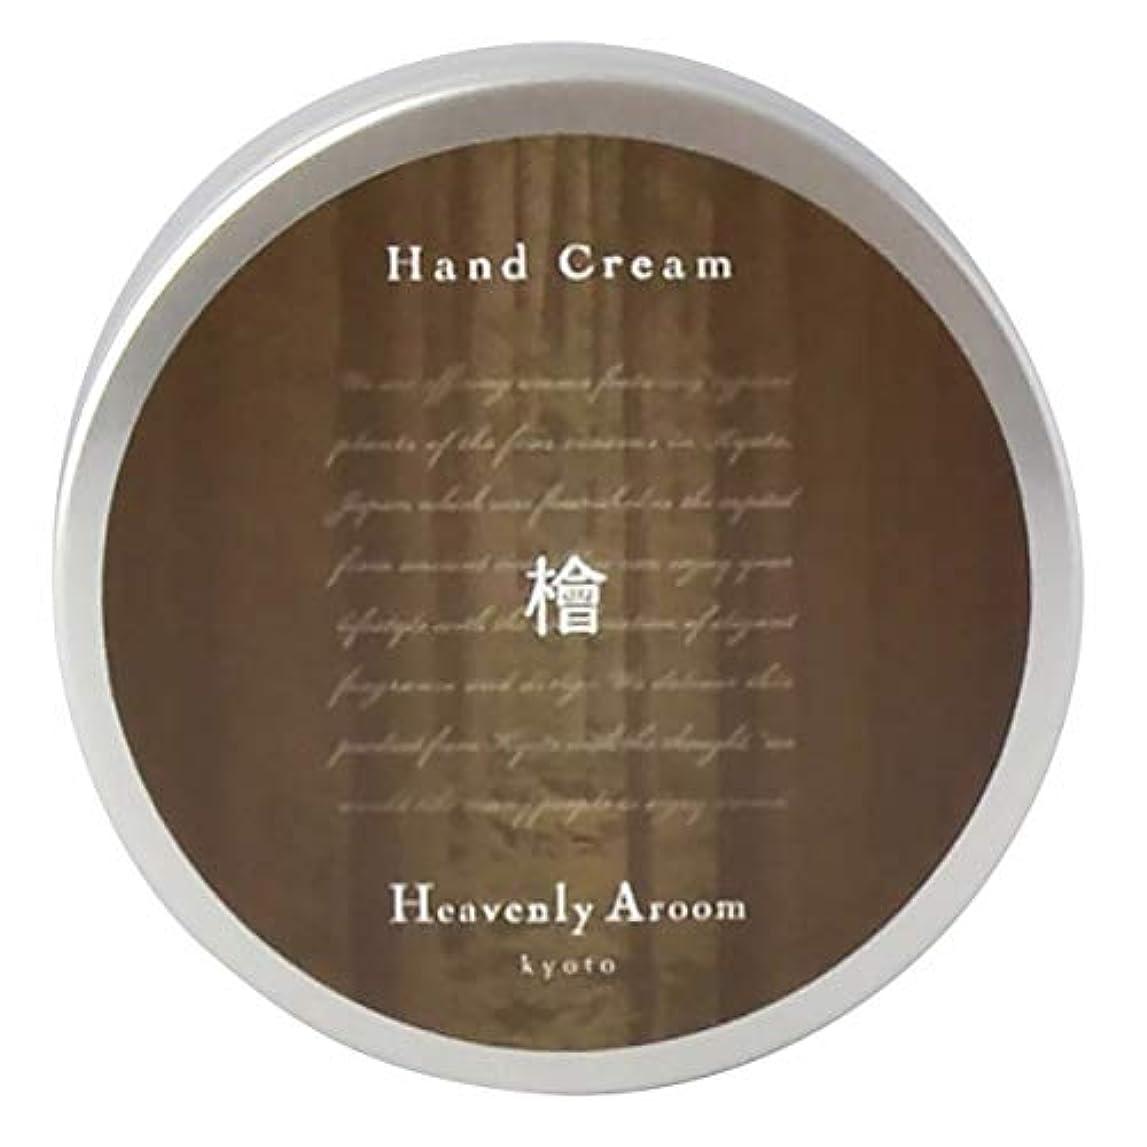 ペナルティオークションみがきますHeavenly Aroom ハンドクリーム 檜 30g